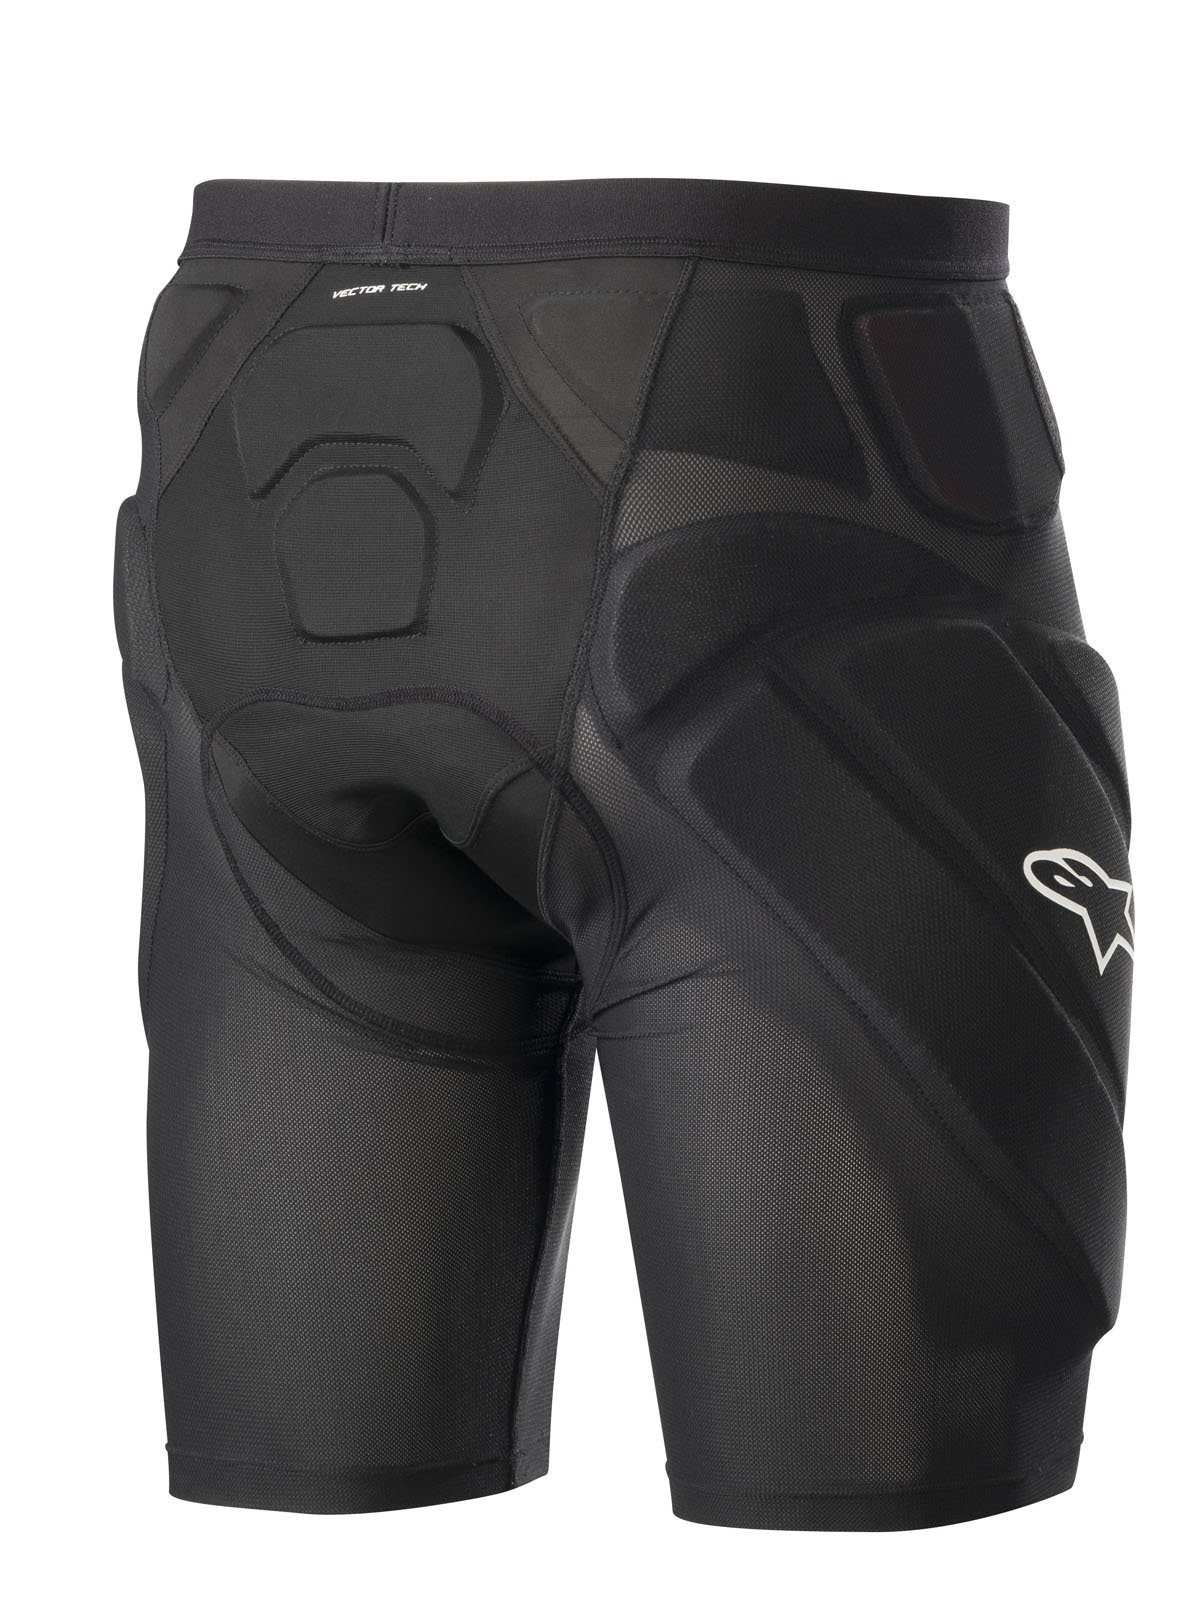 Alpinestars Vector Tech shorts body armor med indlæg | item_misc